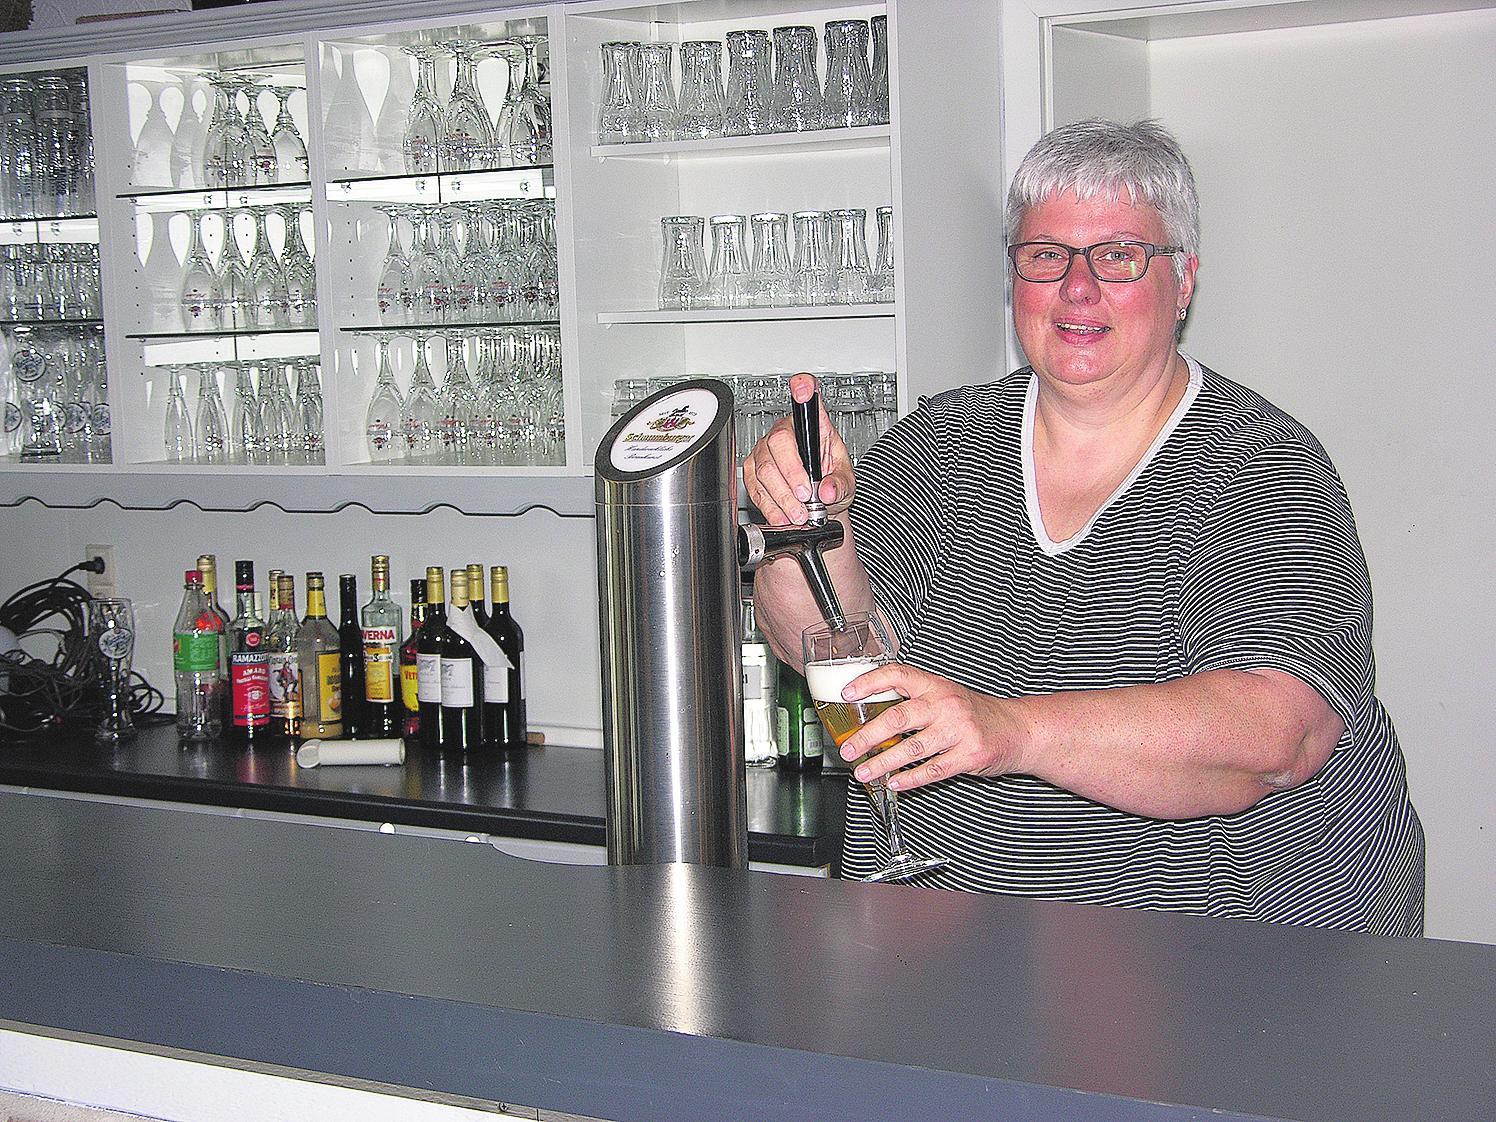 Sabine Cording wartet mit gutbürgerlichen Speisen für den kleinen Hunger und den großen Appetit auf. Zudem steht die Köchin und Inhaberin oft auch persönlich am Zapfhahn.